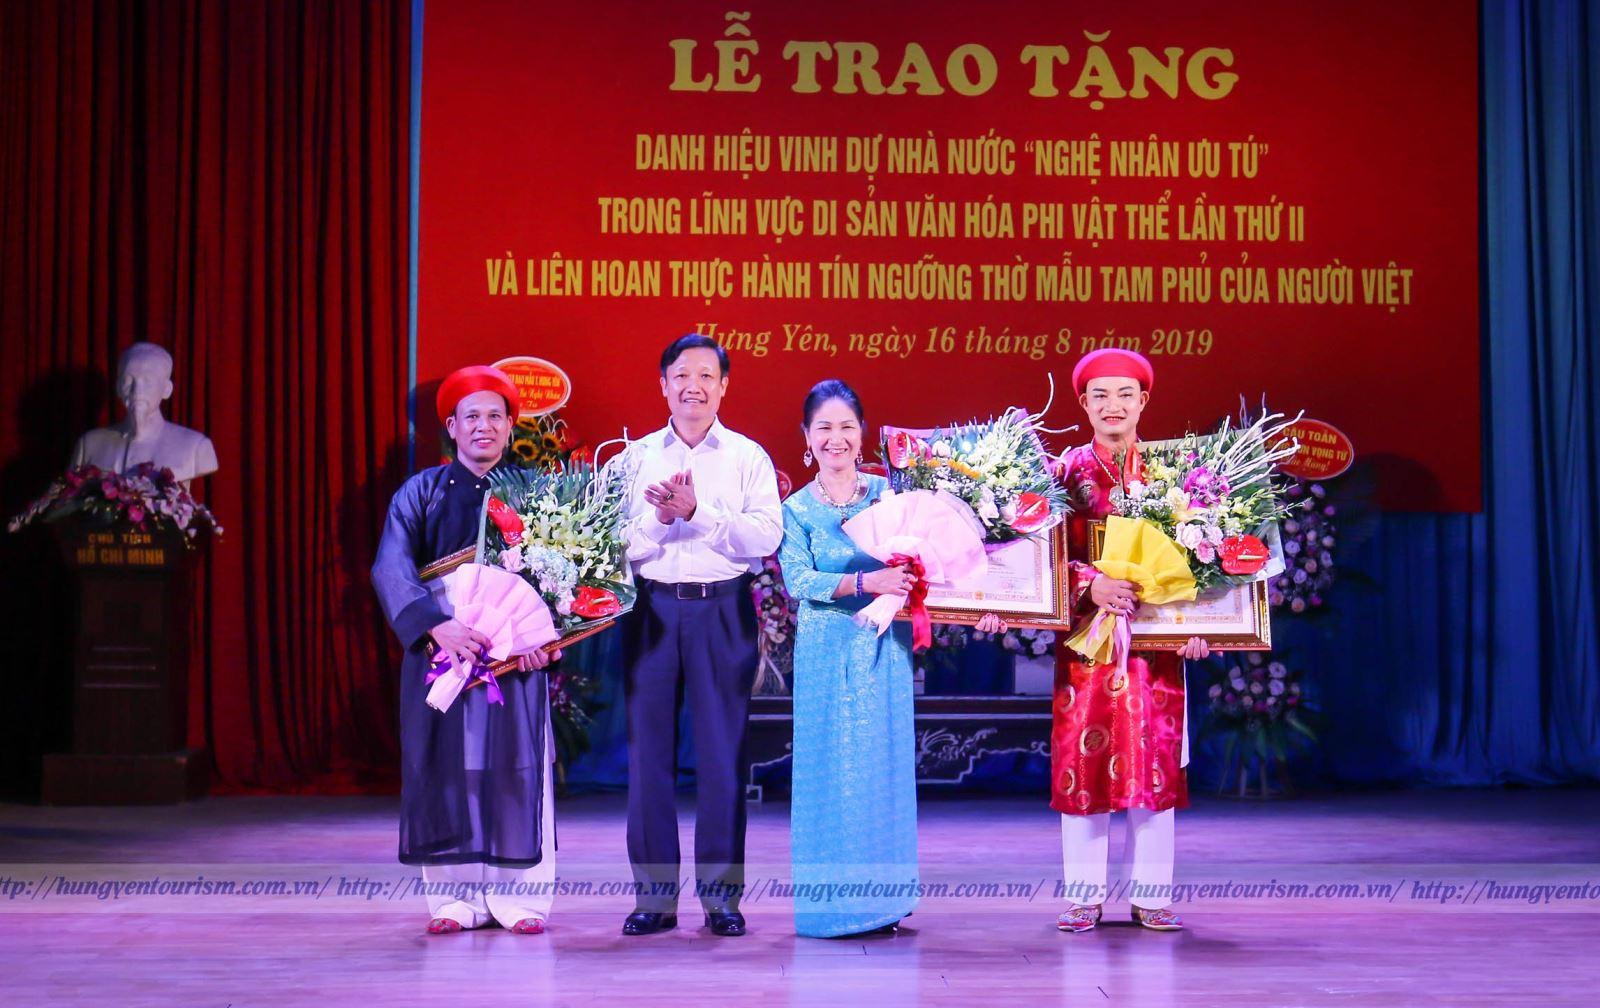 """Trao tặng danh hiệu vinh dự nhà nước """"nghệ nhân ưu tú"""" trong lĩnh vực di sản văn hoá phi vật thể lần thứ II tại Hưng Yên"""